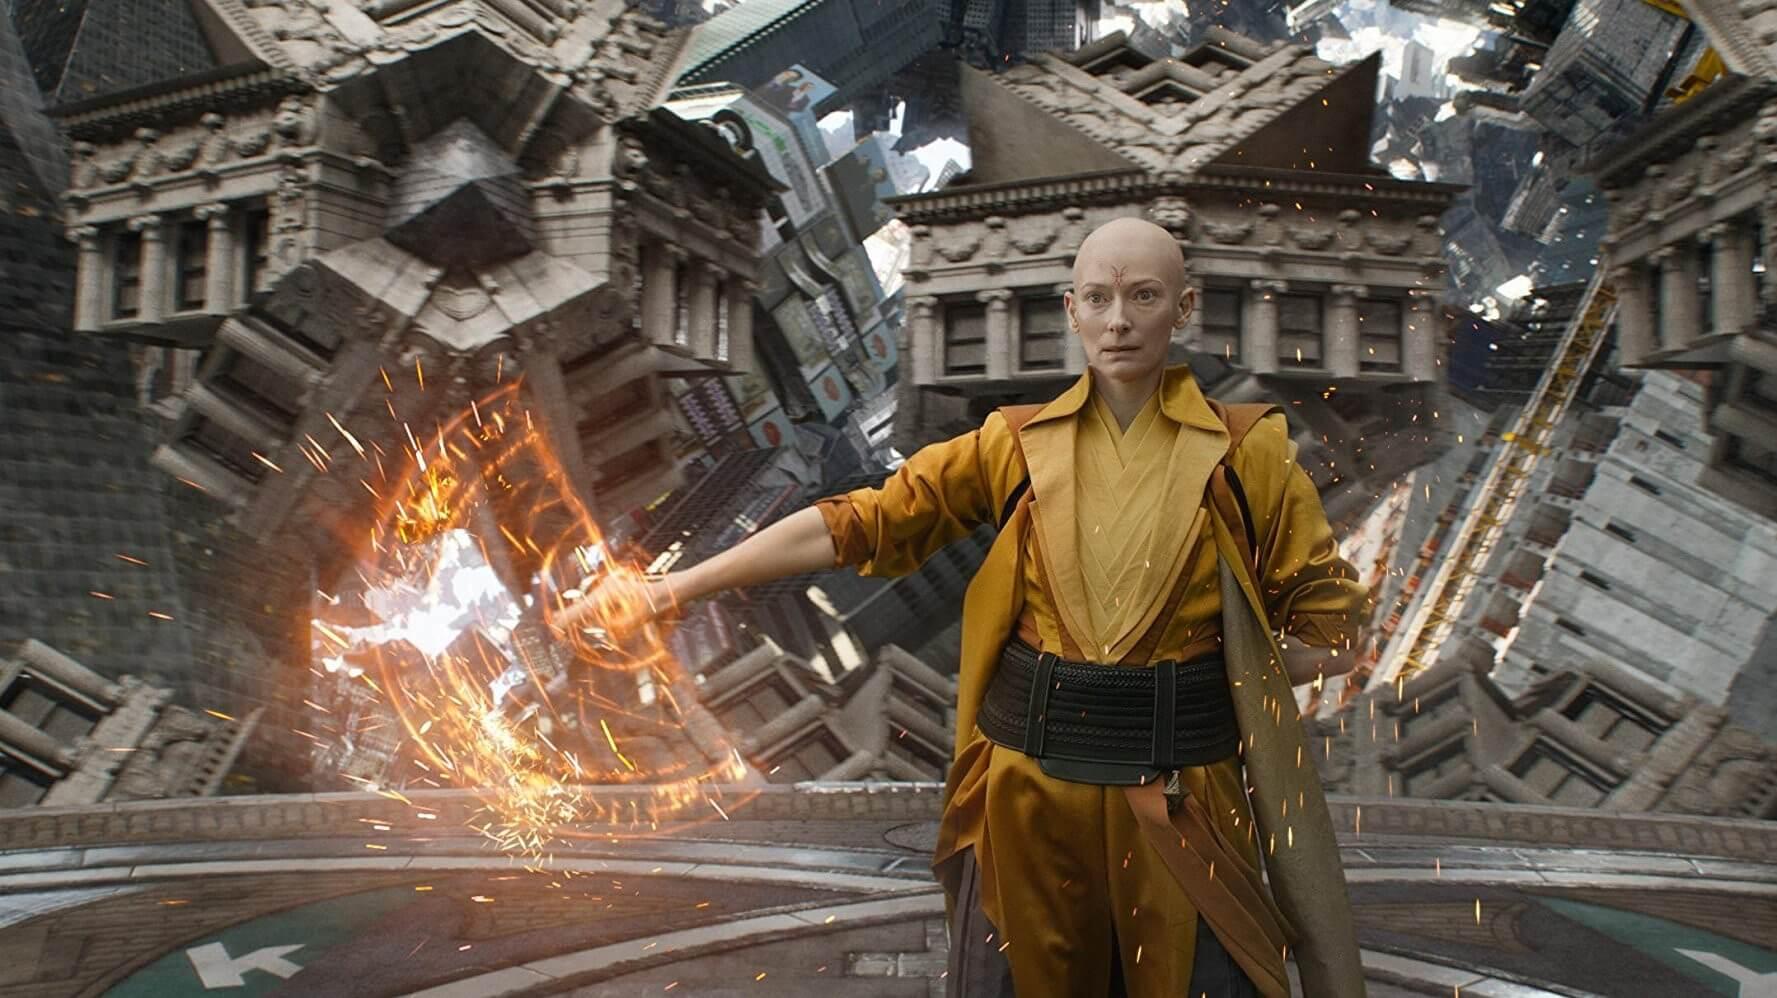 2016 年《奇異博士》中,由蒂達史雲頓飾演的「古一大師」。